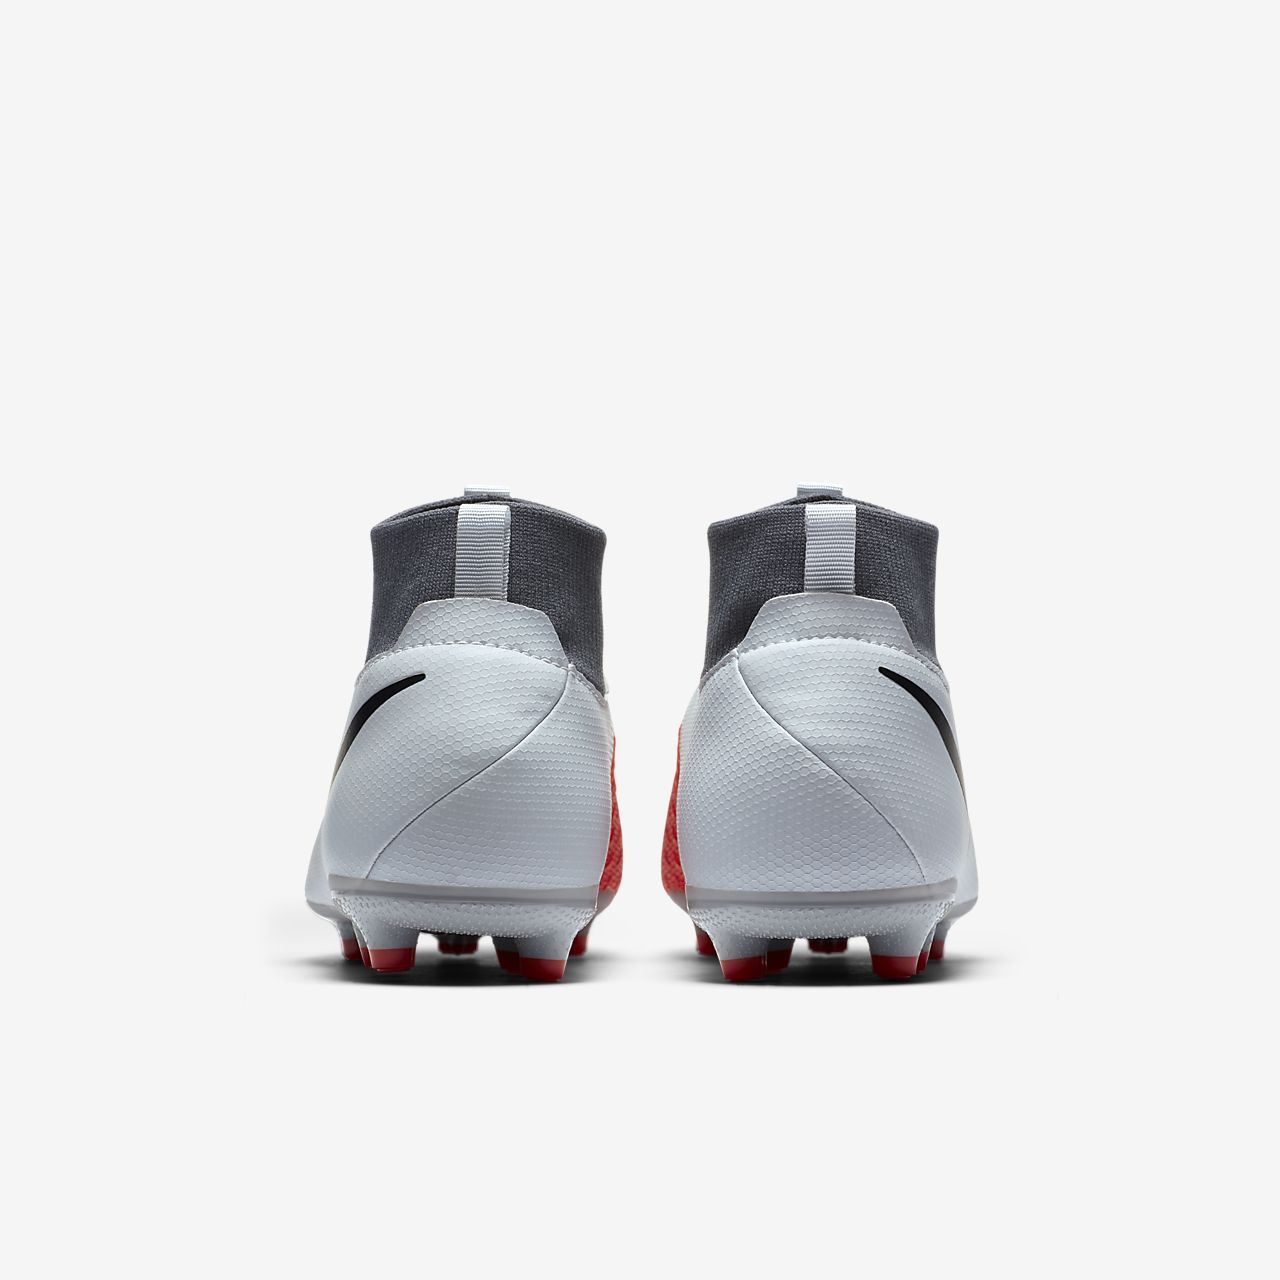 Nike Jr. Phantom Vision Academy Dynamic Fit MG Fußballschuh für verschiedene Böden für jüngereältere Kinder